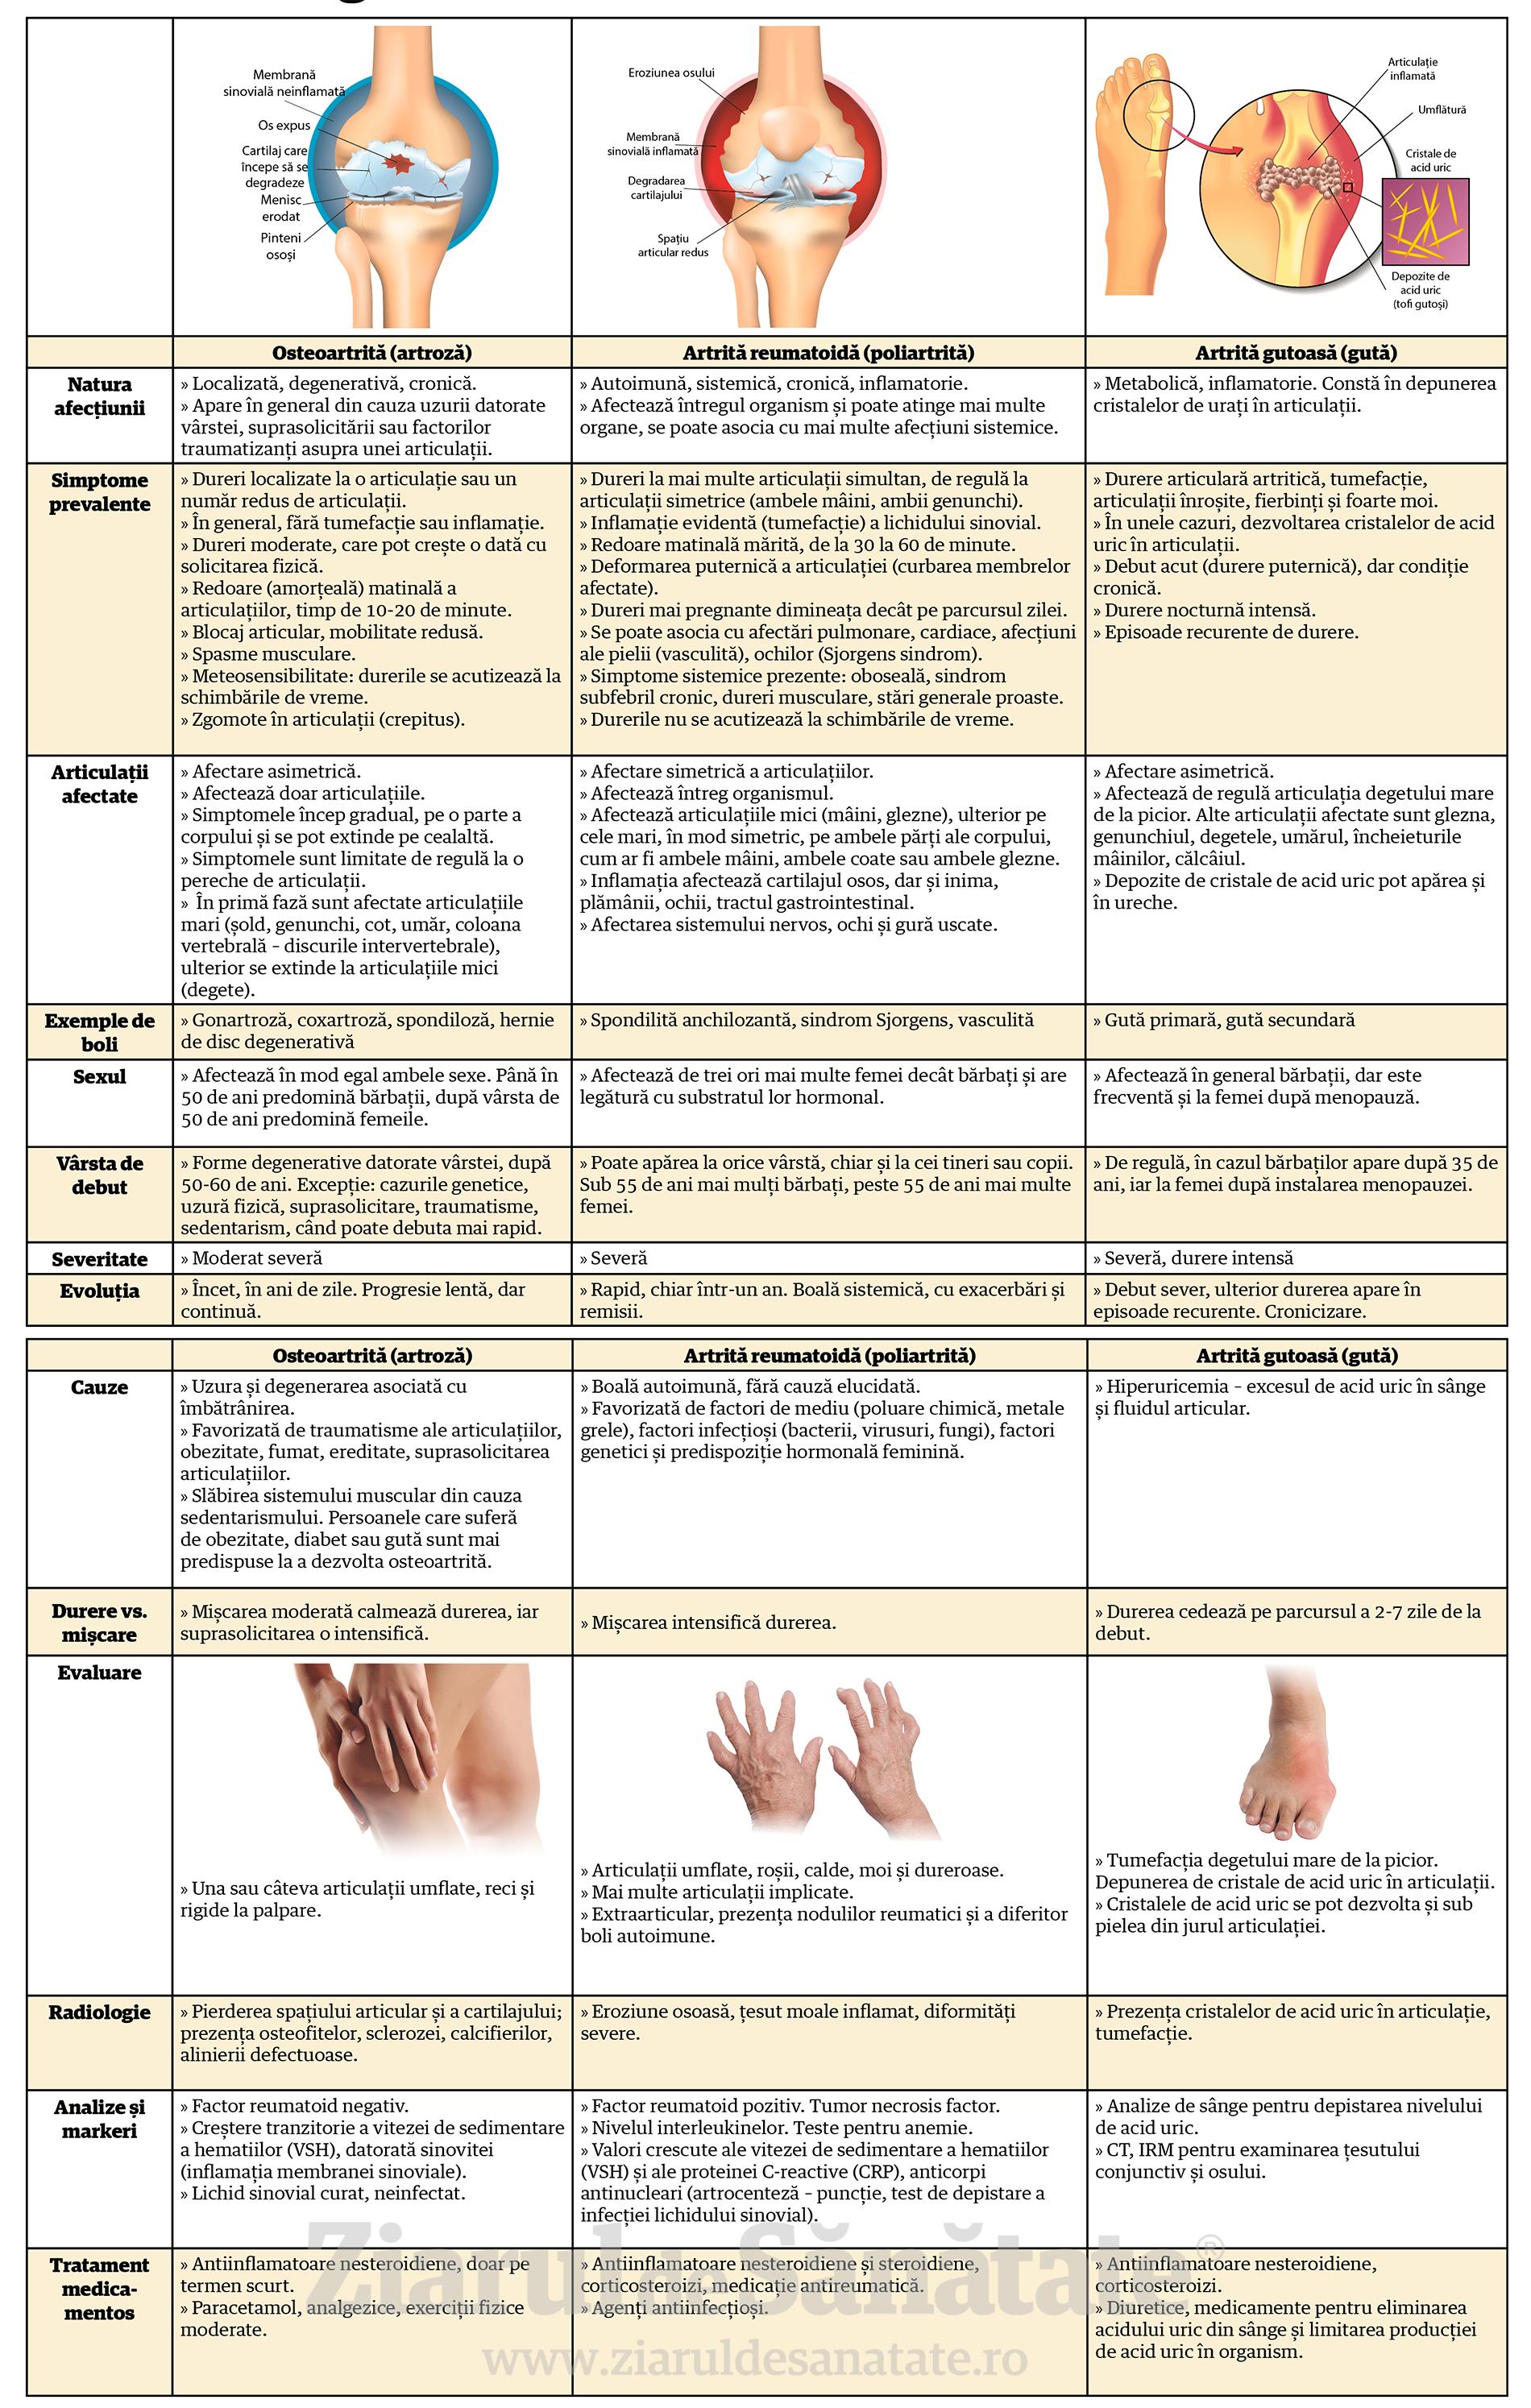 tabel-artrite